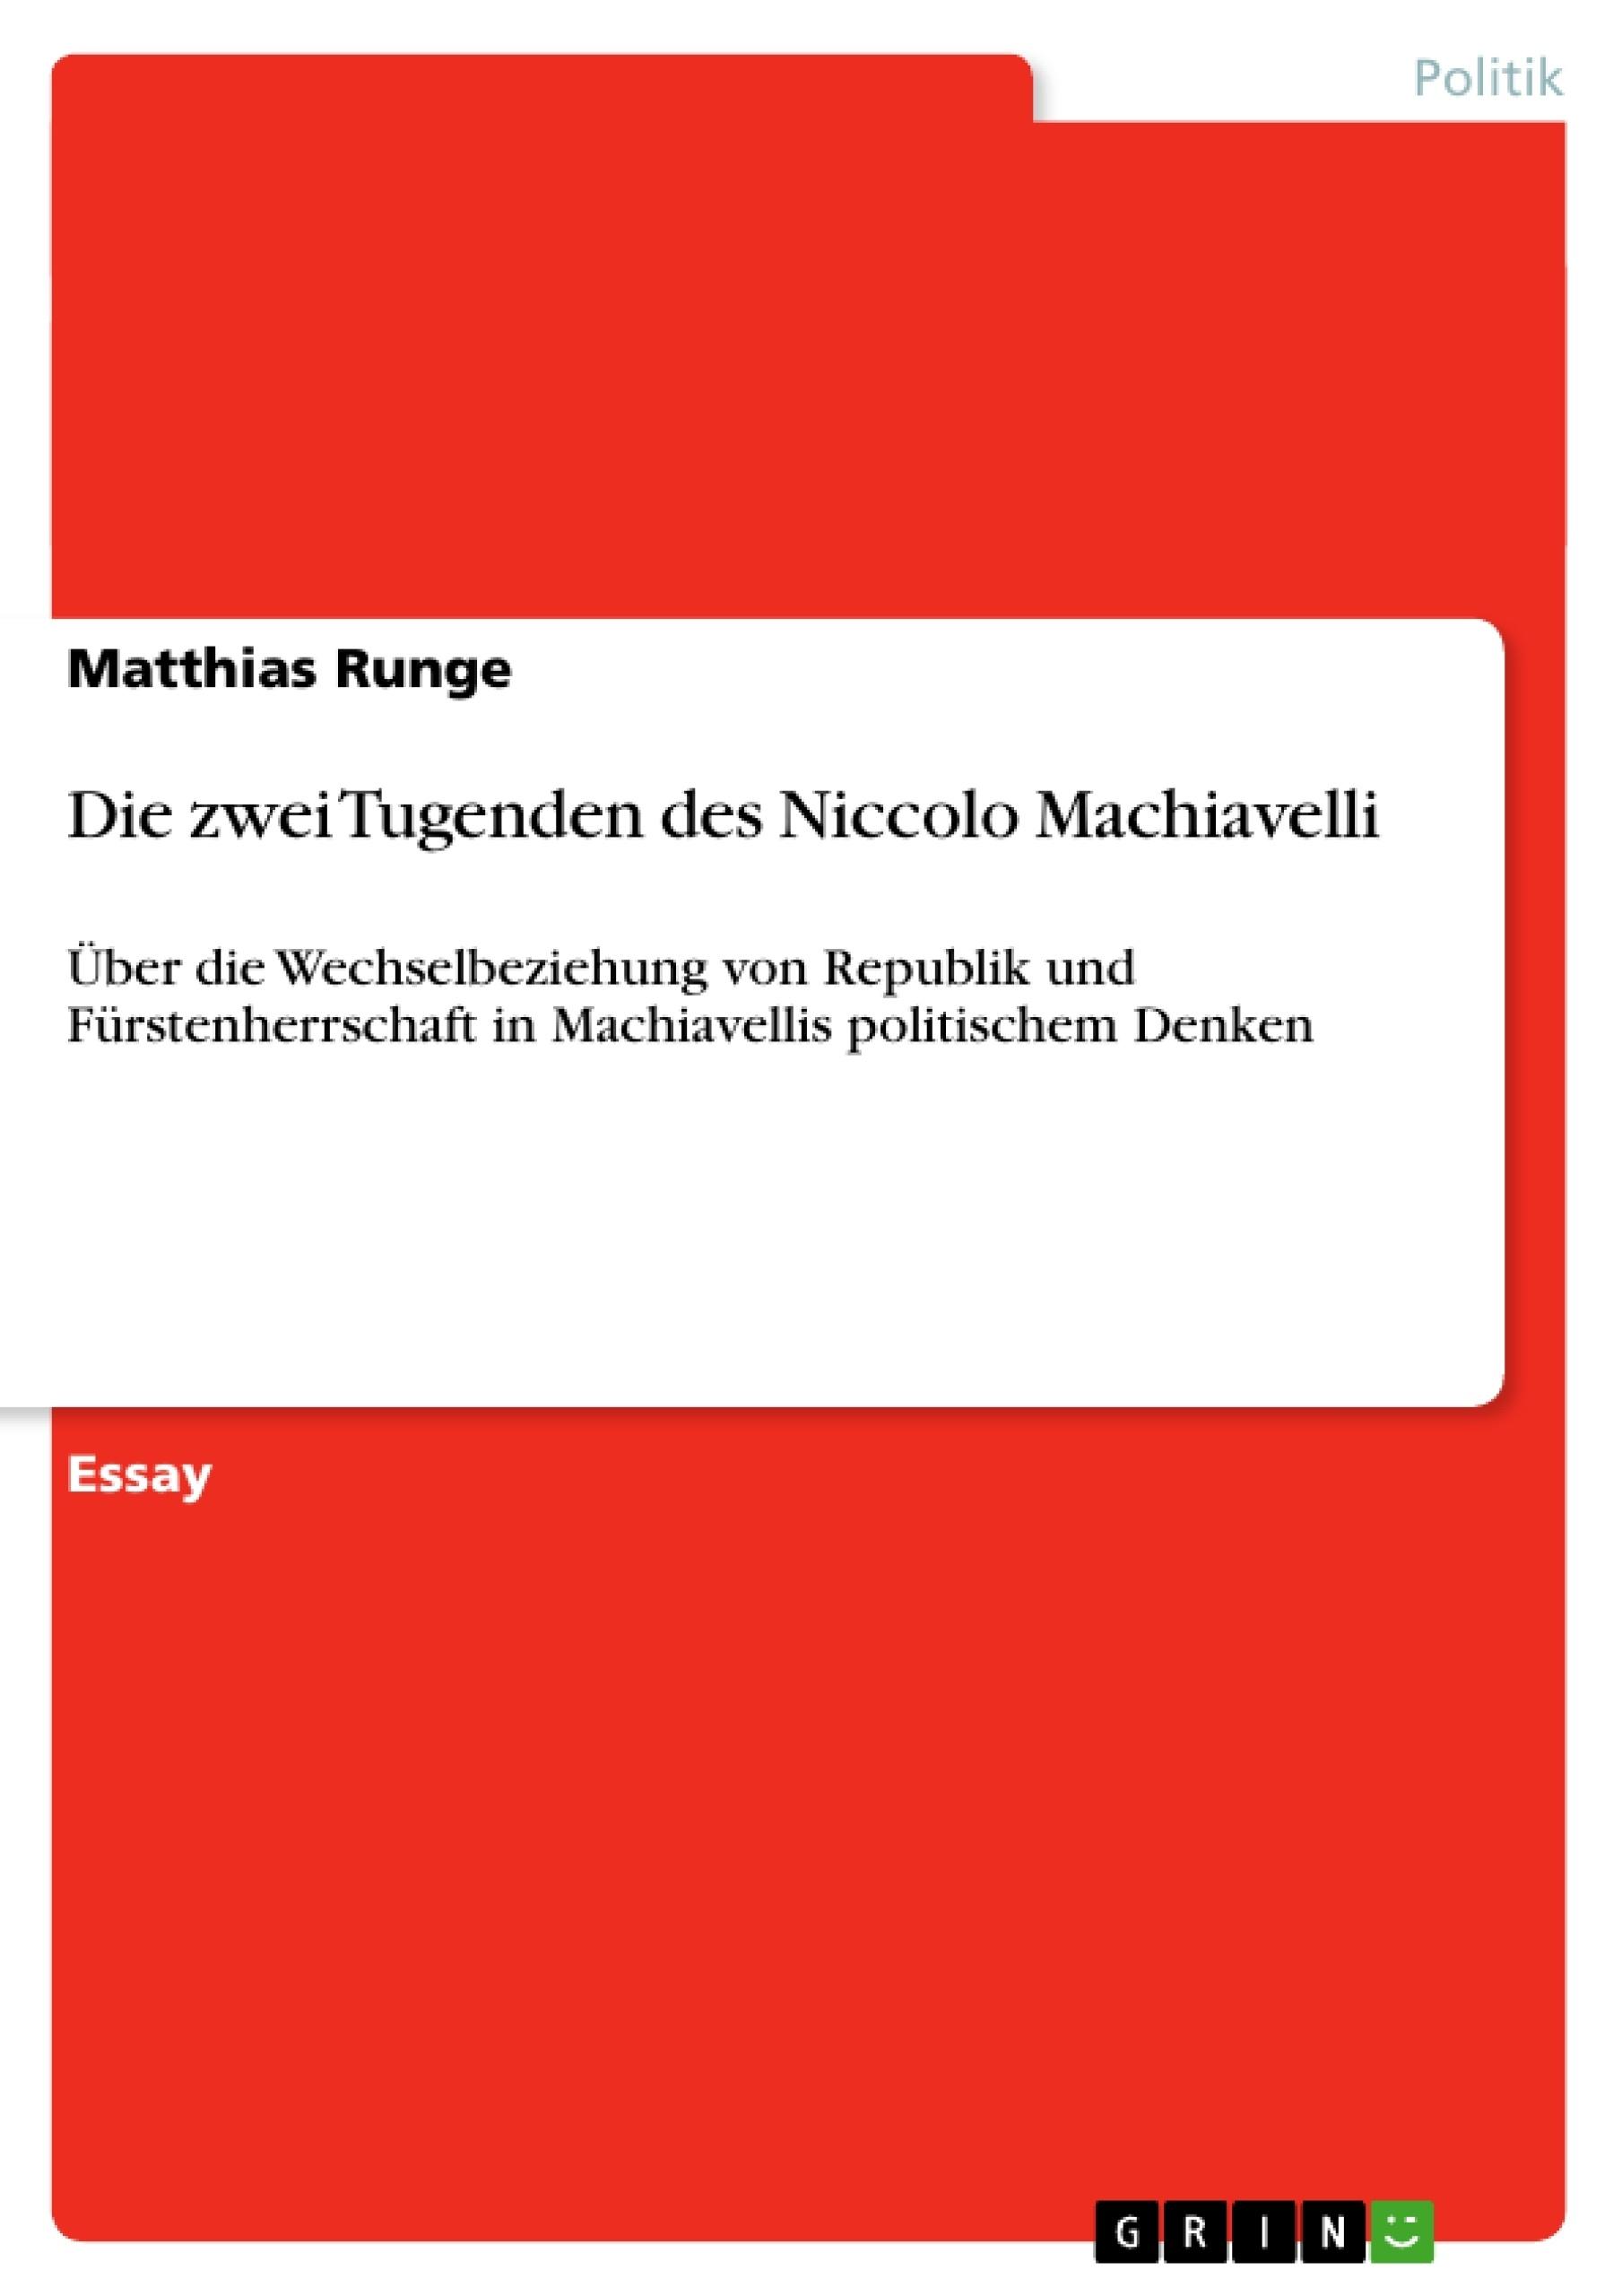 Titel: Die zwei Tugenden des Niccolo Machiavelli